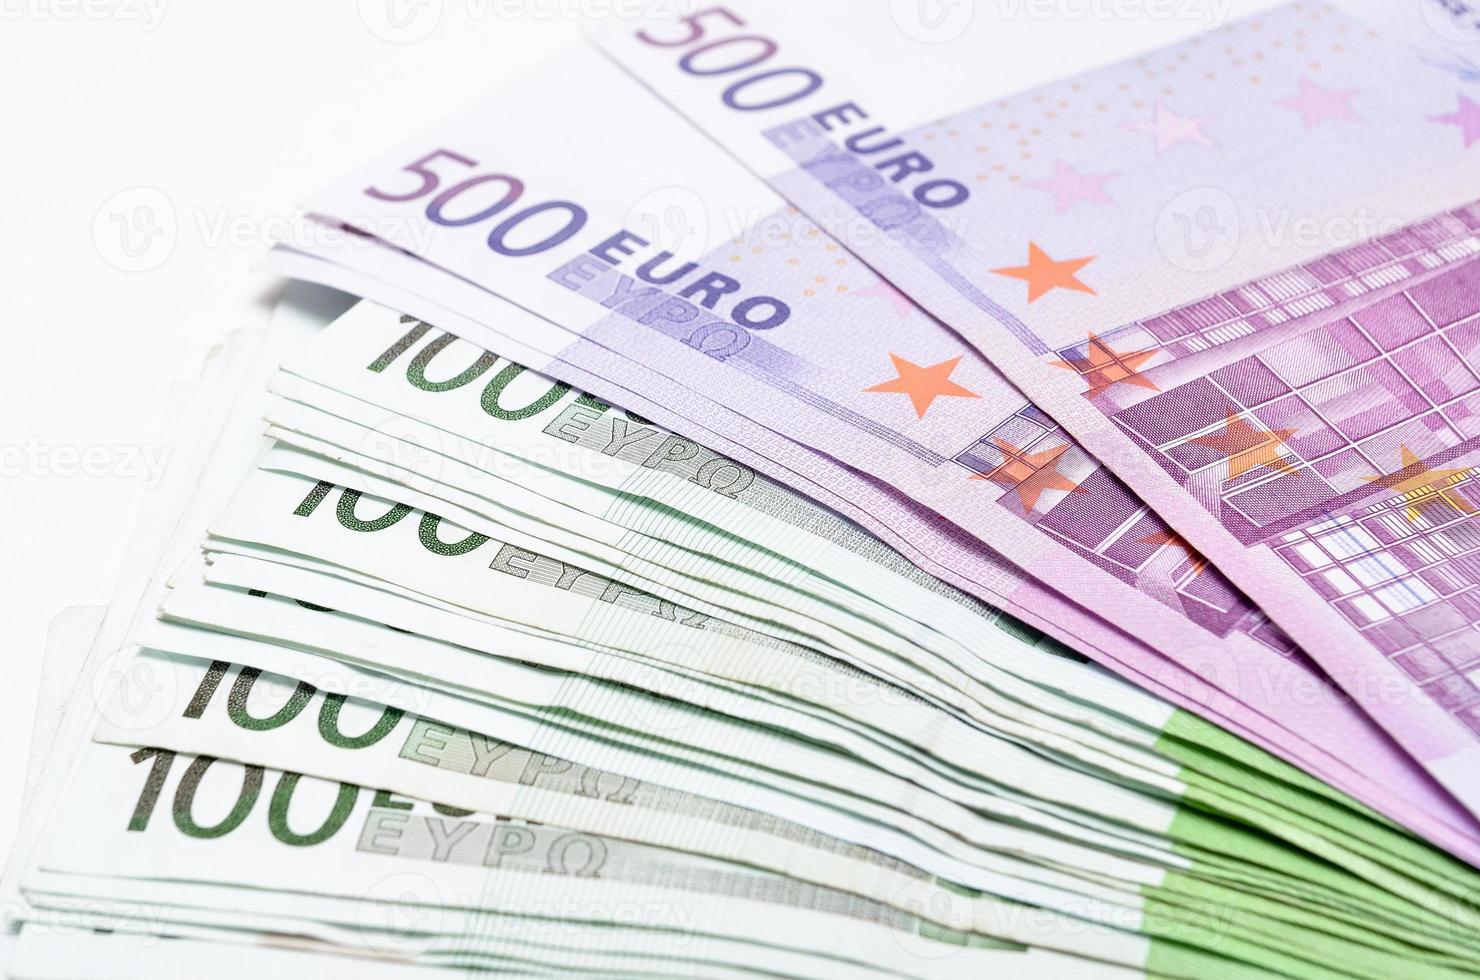 pila di soldi banconote in euro. valuta euro dall'europa foto